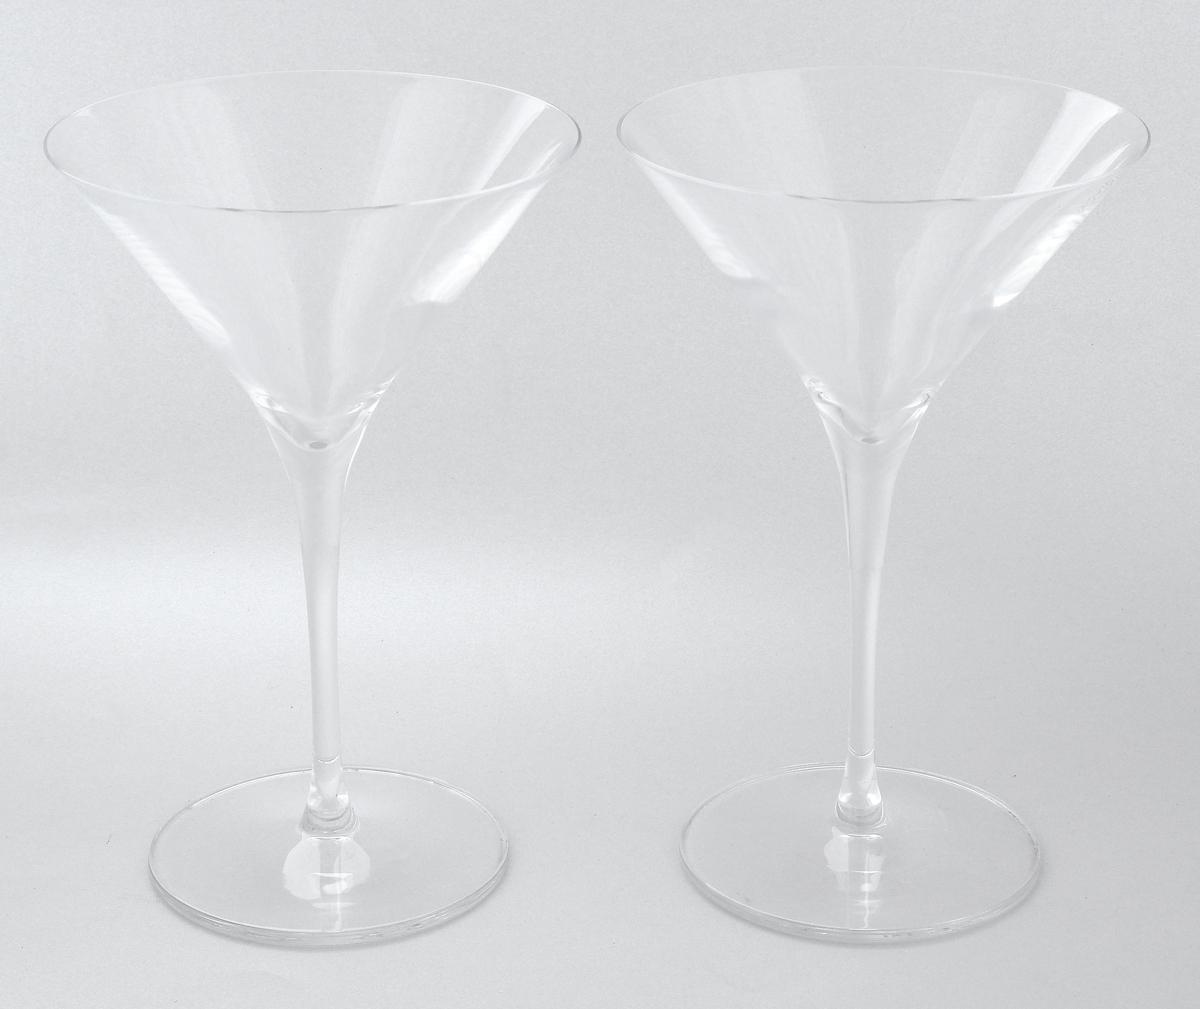 Набор бокалов Pasabahce Vintage, 290 мл, 2 шт66114NНабор Pasabahce Vintage состоит из двух бокалов, выполненных из прочного стекла. Изделия оснащены невысокими изящными ножками, отлично подходят для подачи коктейлей, мартини и других напитков. Бокалы сочетают в себе элегантный дизайн и функциональность. Набор бокалов Pasabahce Vintage прекрасно оформит праздничный стол и создаст приятную атмосферу за ужином. Такой набор также станет хорошим подарком к любому случаю. Можно мыть в посудомоечной машине. Диаметр бокала по верхнему краю: 12 см. Высота бокала: 18,5 см.